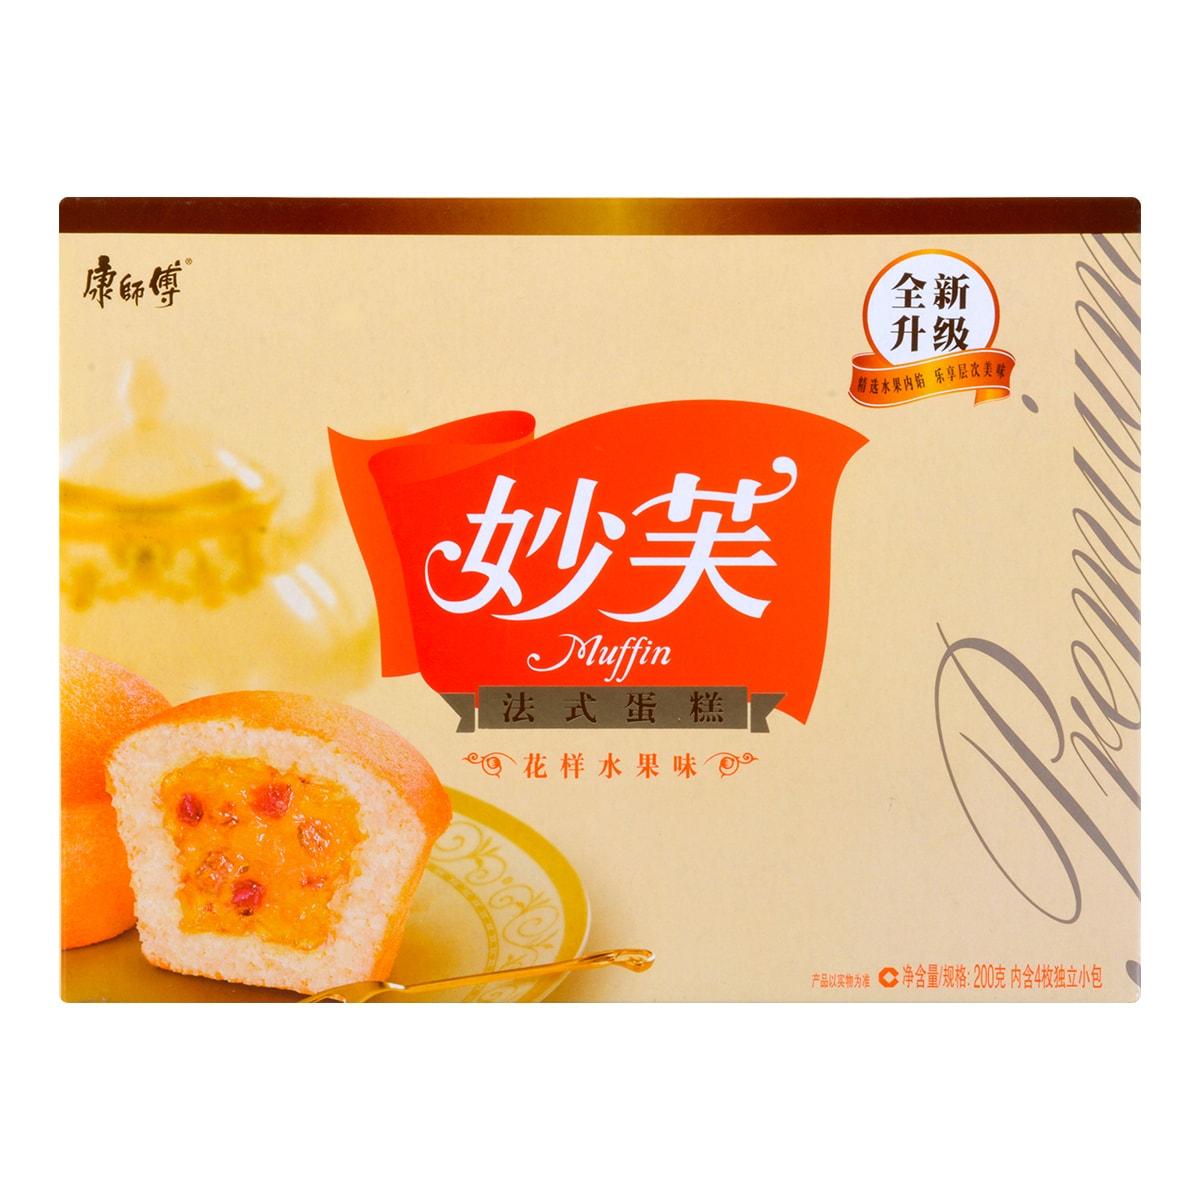 康师傅 妙芙 法式蛋糕 花样水果味 200g